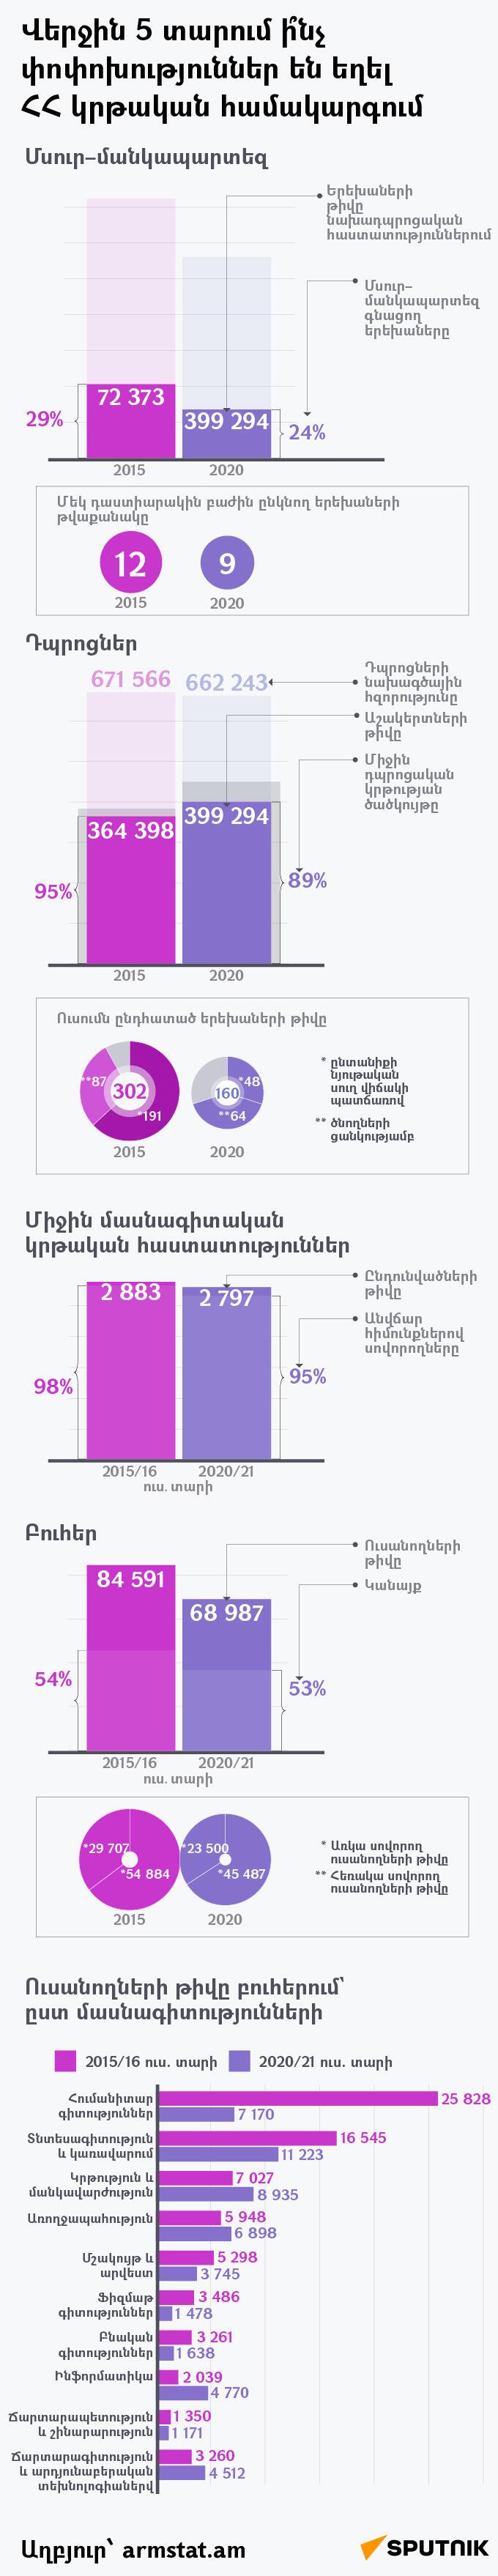 Ուսանողների թիվը բուհերում` ըստ մասնագիտությունների - Sputnik Արմենիա